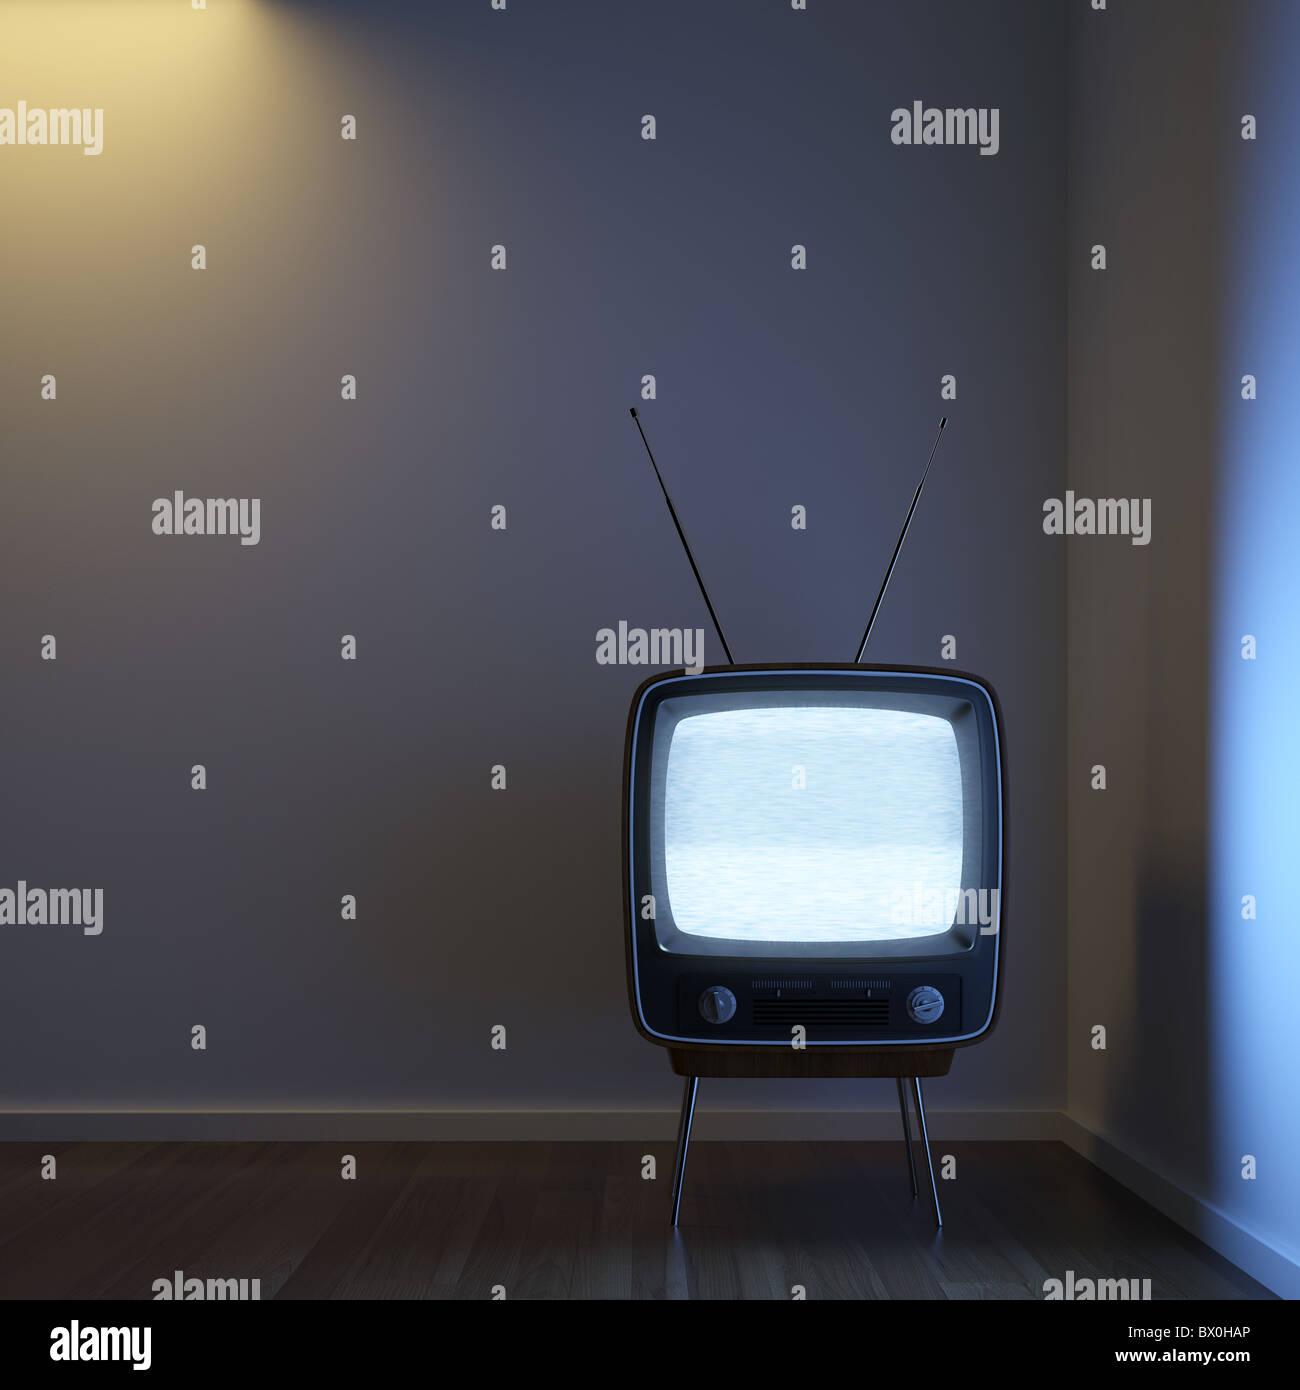 einen einzigen Retro-TV in einem Eckzimmer Signalrauschen mit dramatischen Licht-Setup zeigt das Konzept der Einsamkeit Stockbild